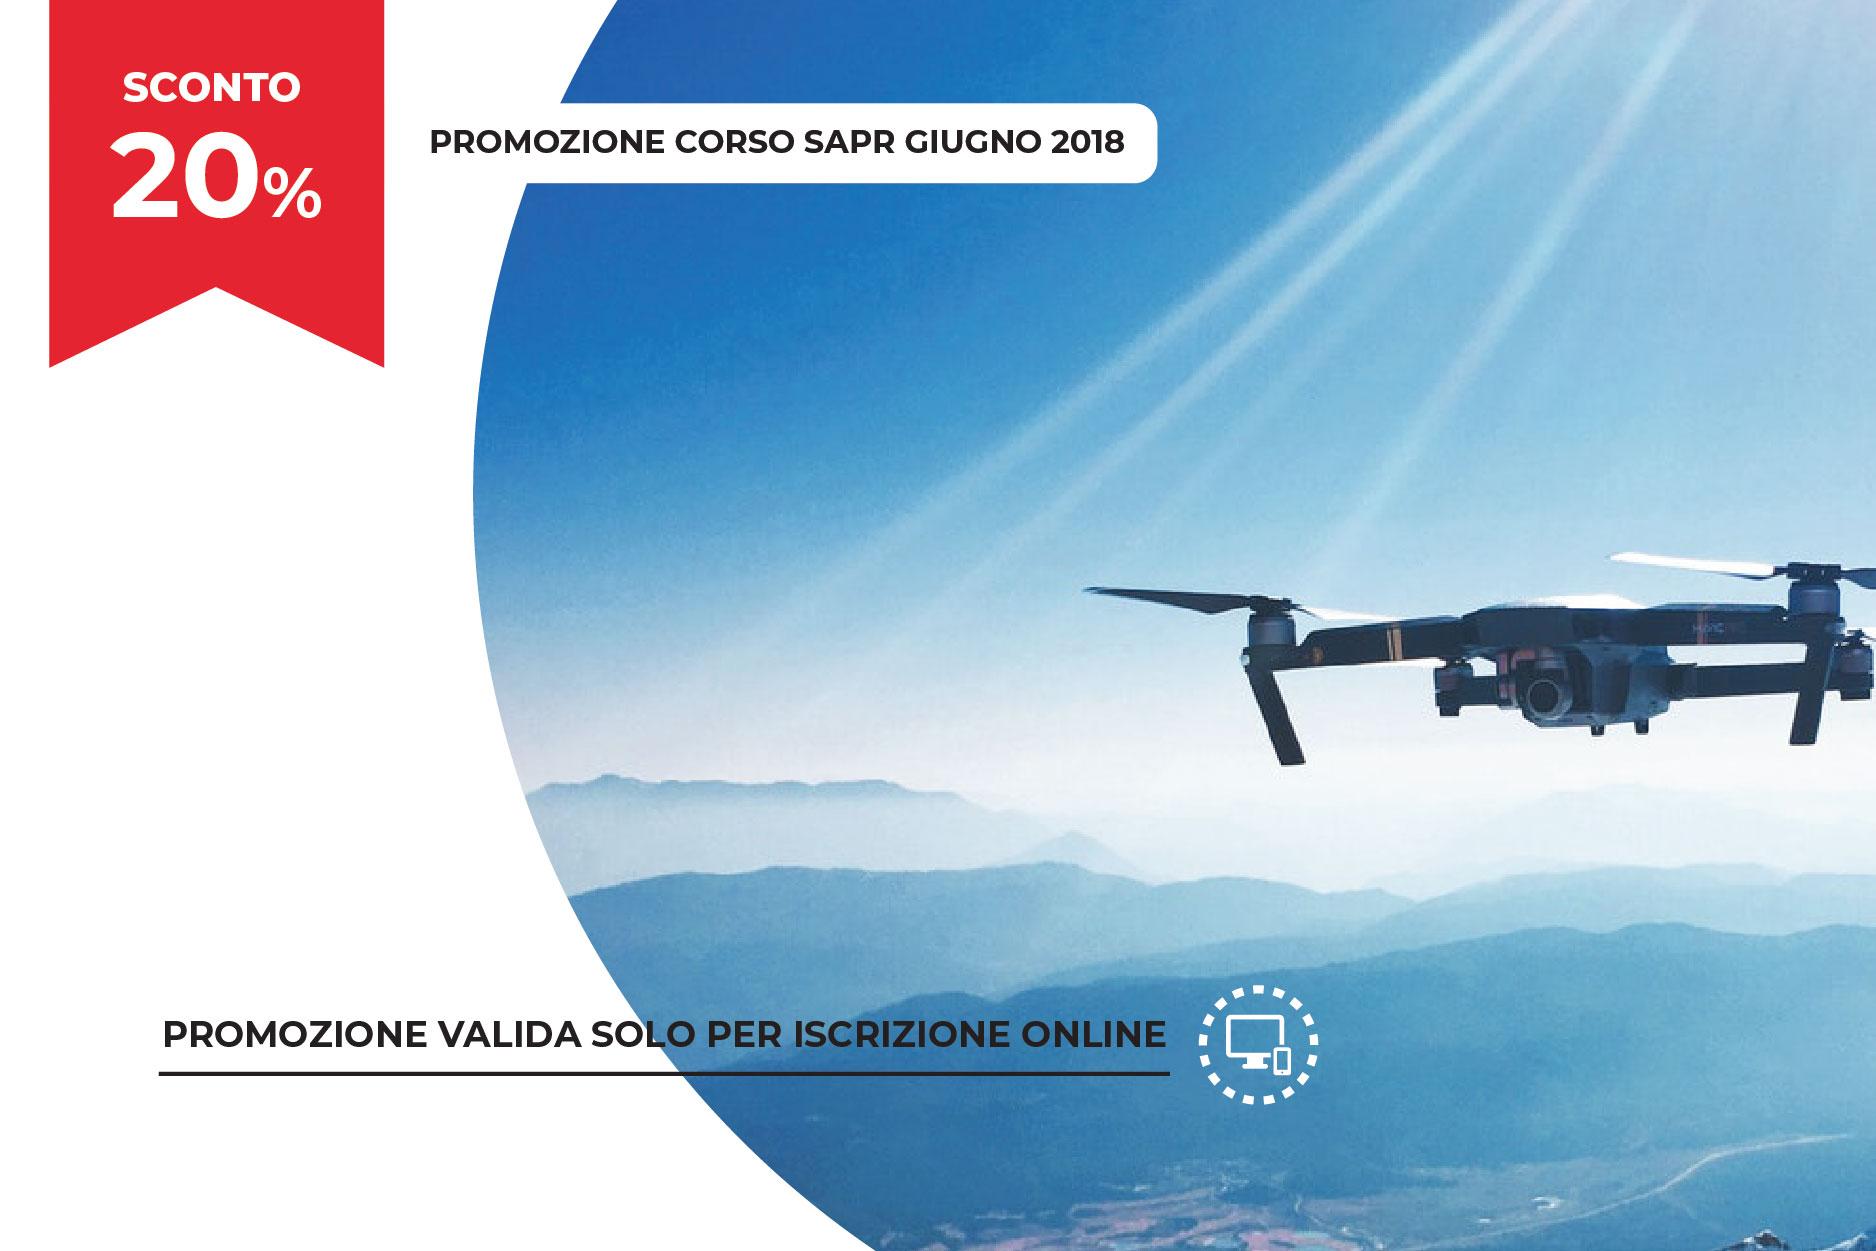 LGS DRONI ACADEMY CORSI PILOTAGGIO DRONI